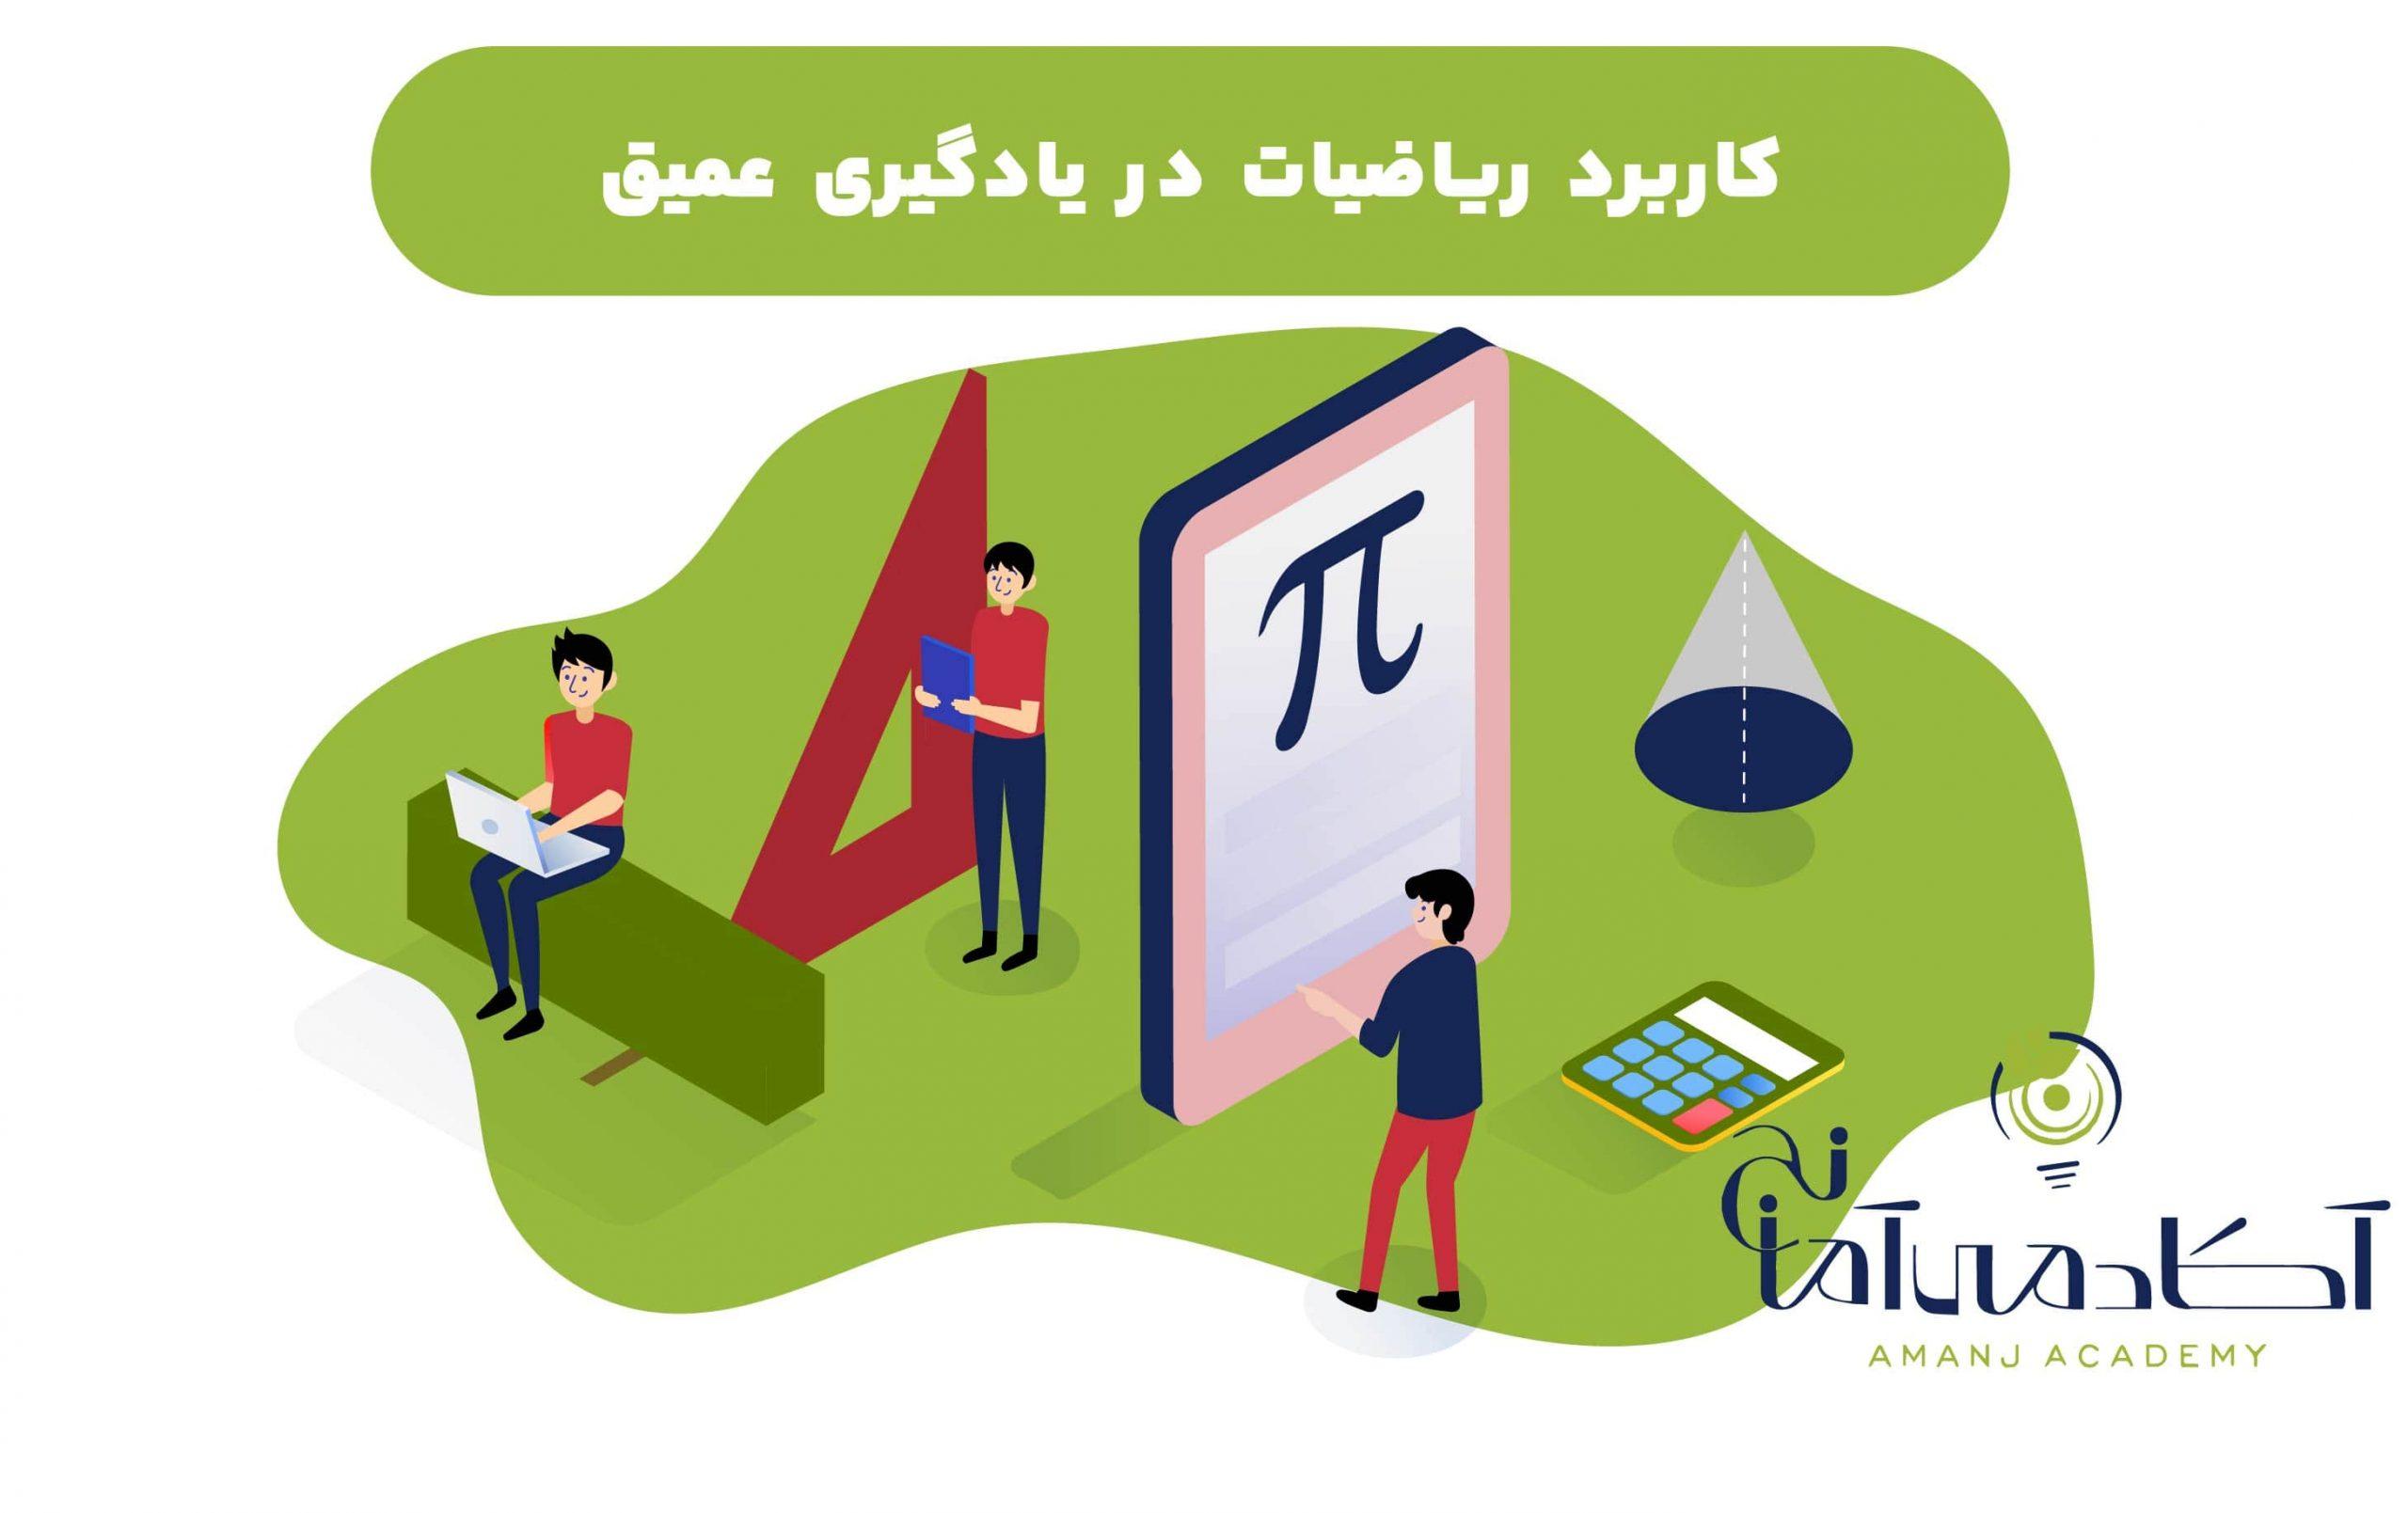 ریاضیات در یادگیری عمیق